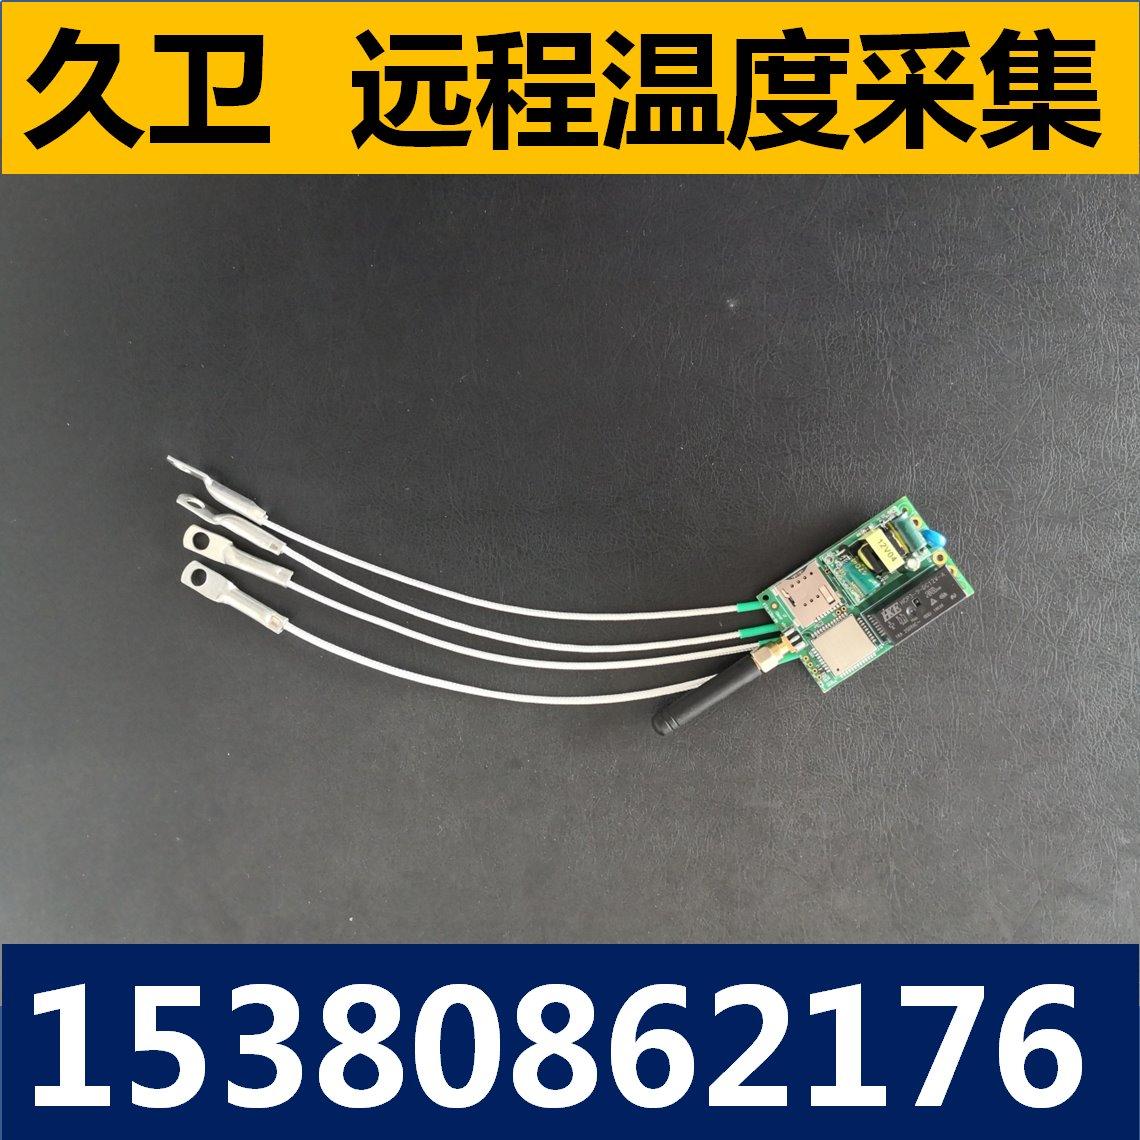 久卫 手机远程控制插座 GPRS替代插座 5G遥控插座 NB-IOT 母线槽温湿度测量监控 母线槽智能模块